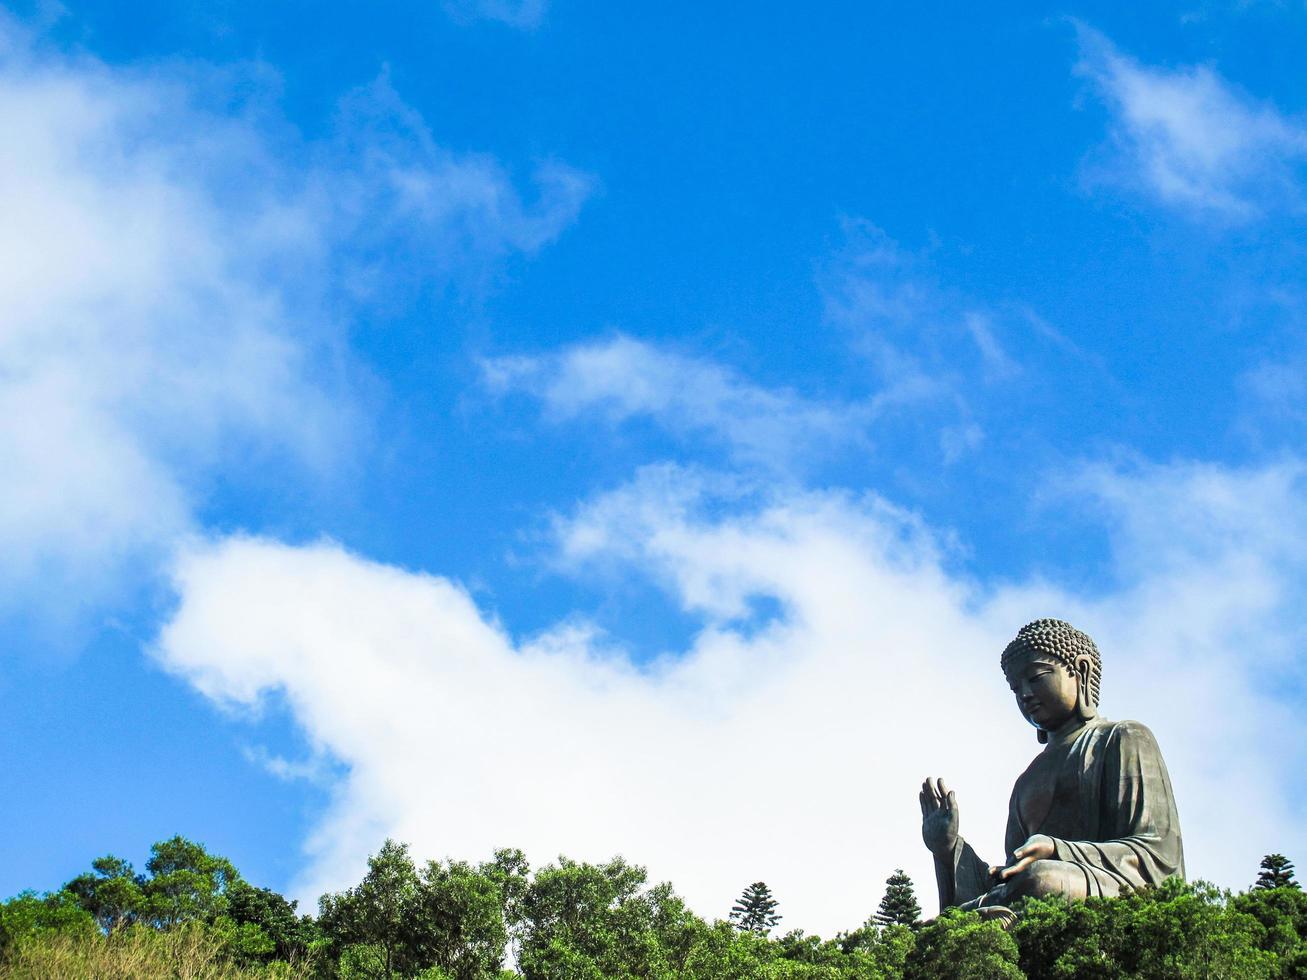 jätte buddha staty och po lin kloster i hong kong, lantau ö Kina foto